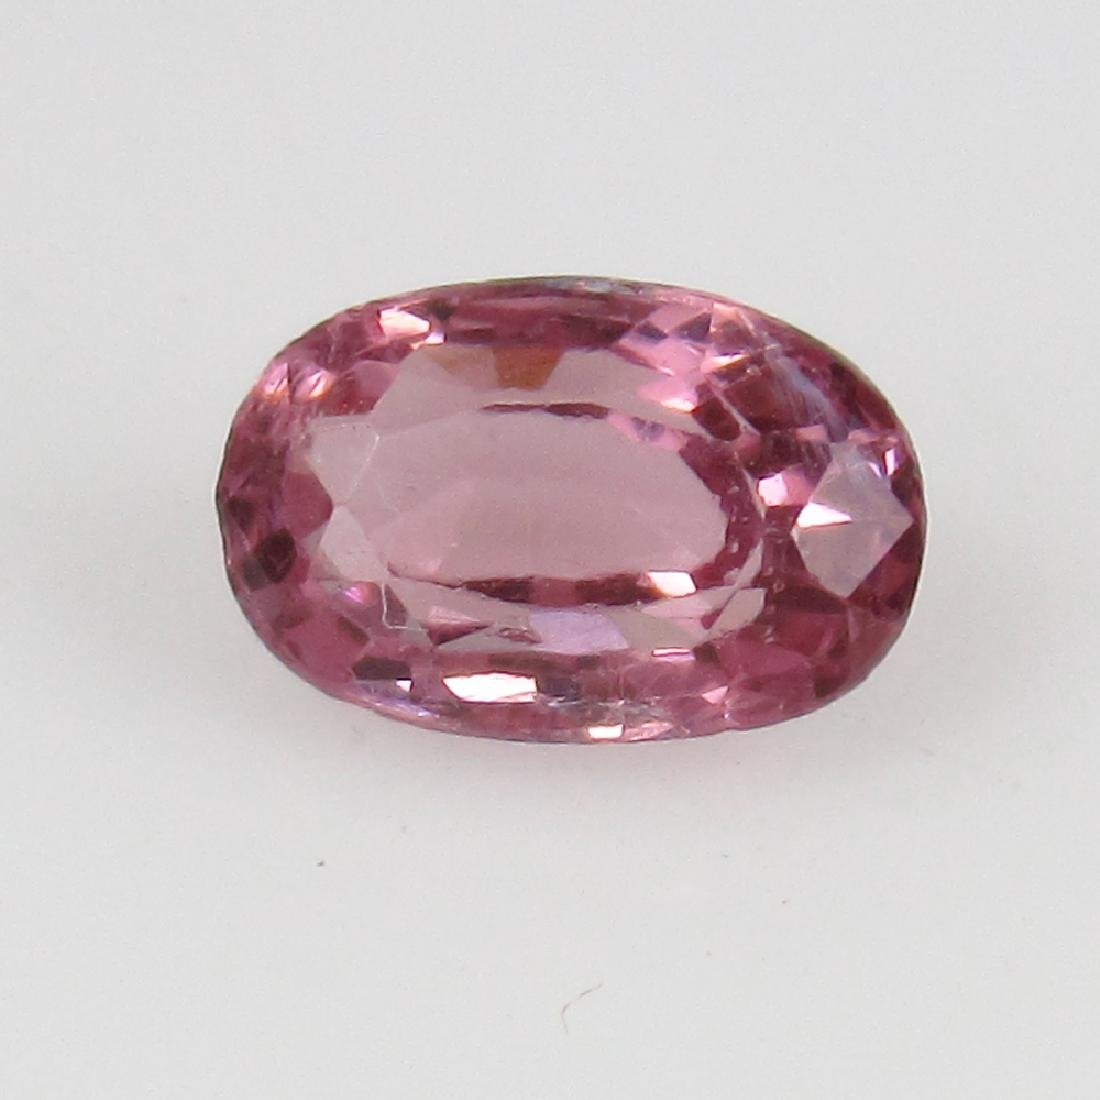 0.73 Ct Genuine IGI Certified Pyrope Pink Rhodolite